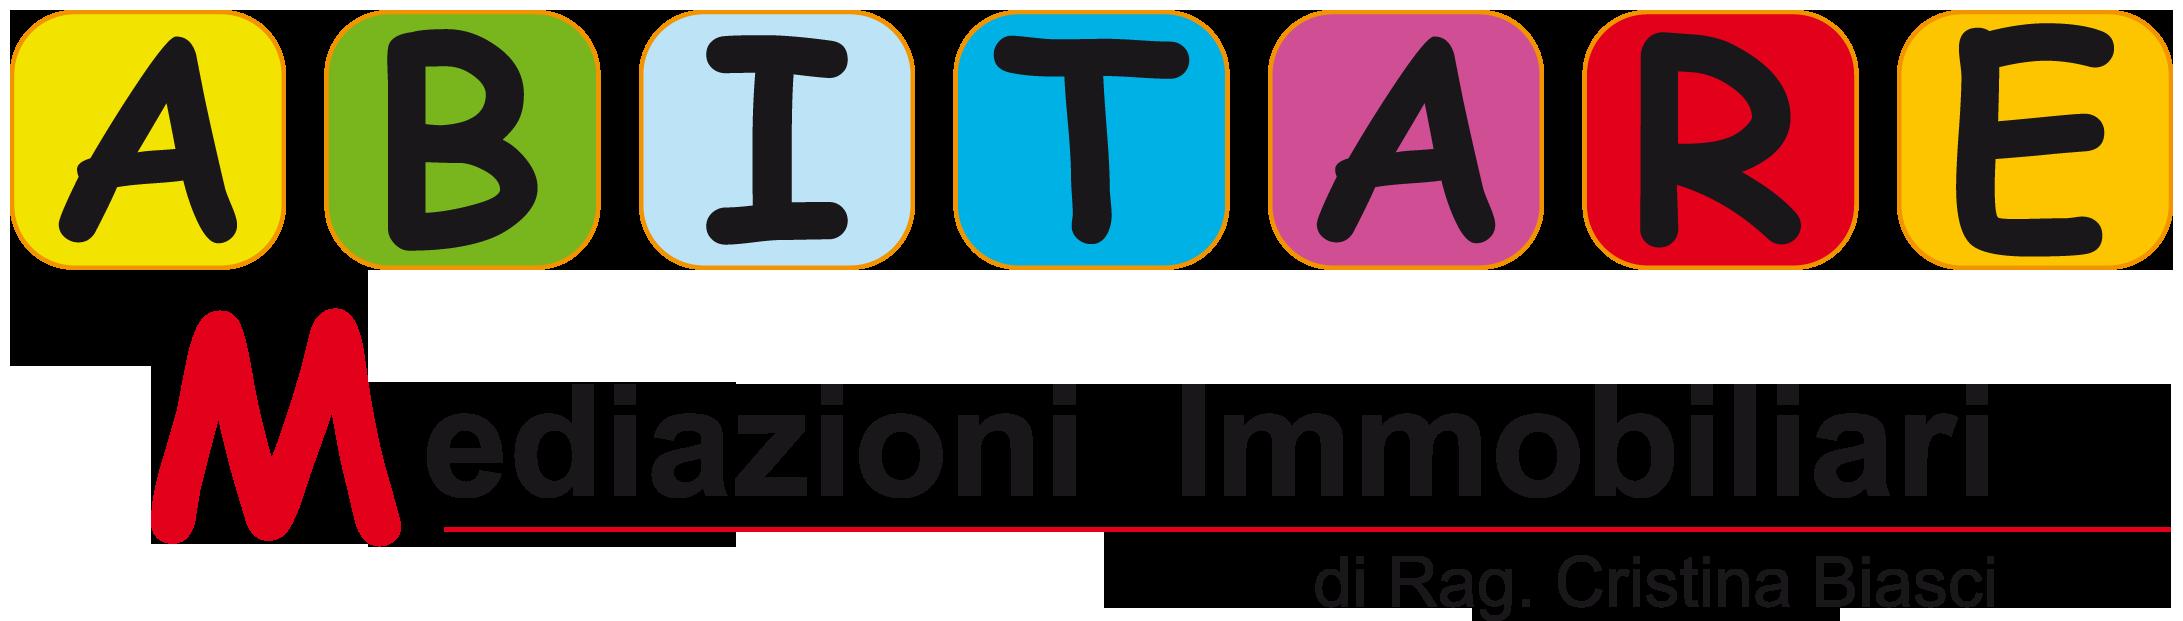 ABITARE Mediazioni Imm.